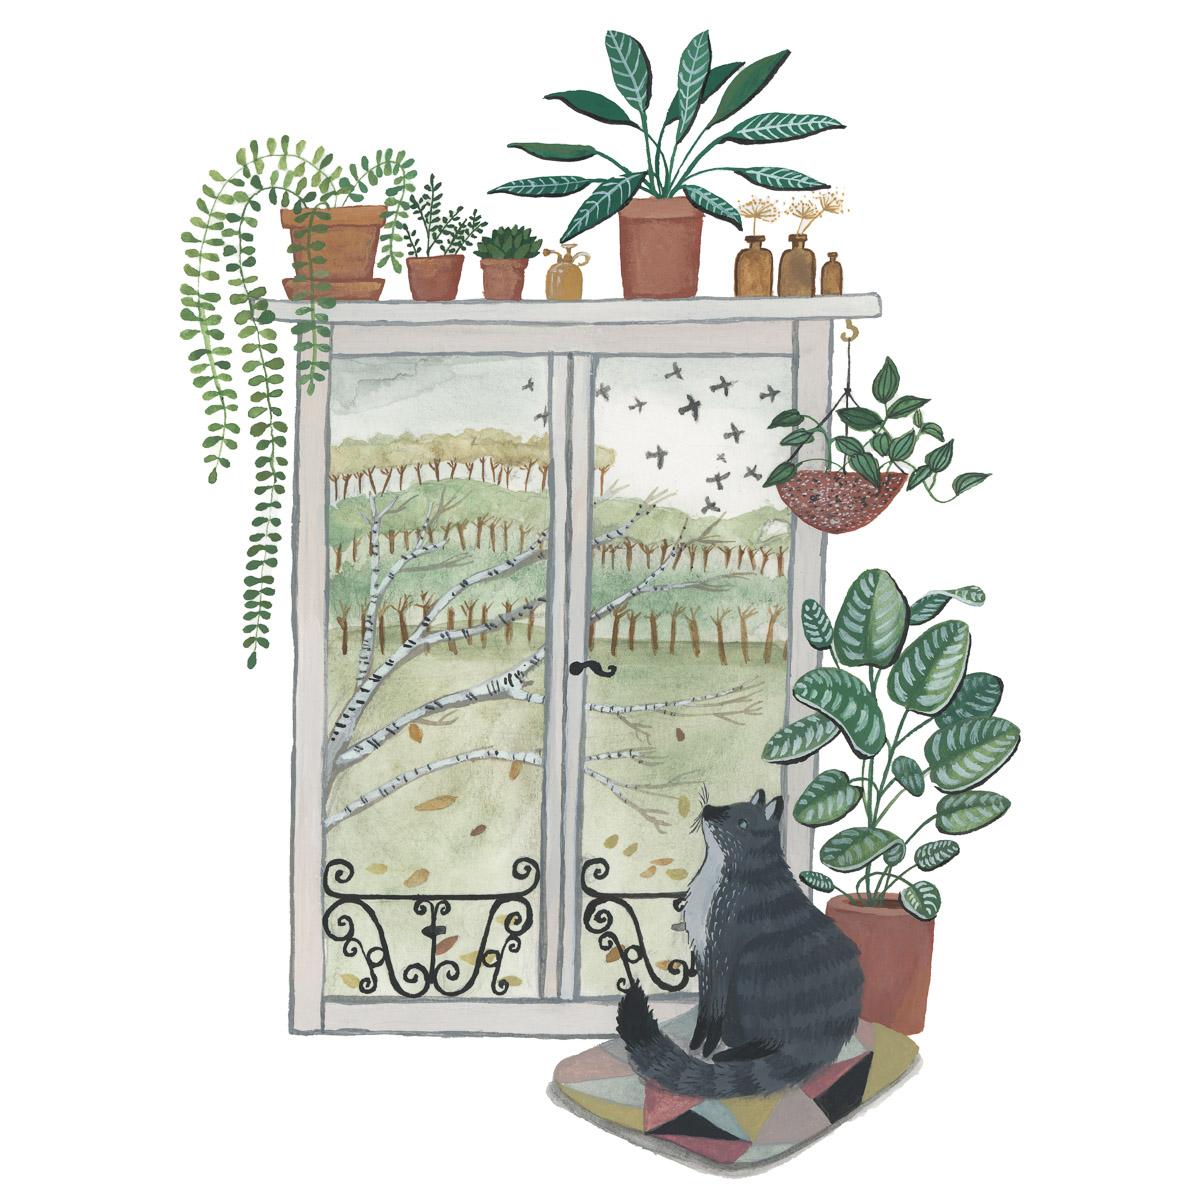 planten-stilleven-plantenillustratie-plantenschilderij-lacabaneenvoyage11.jpg